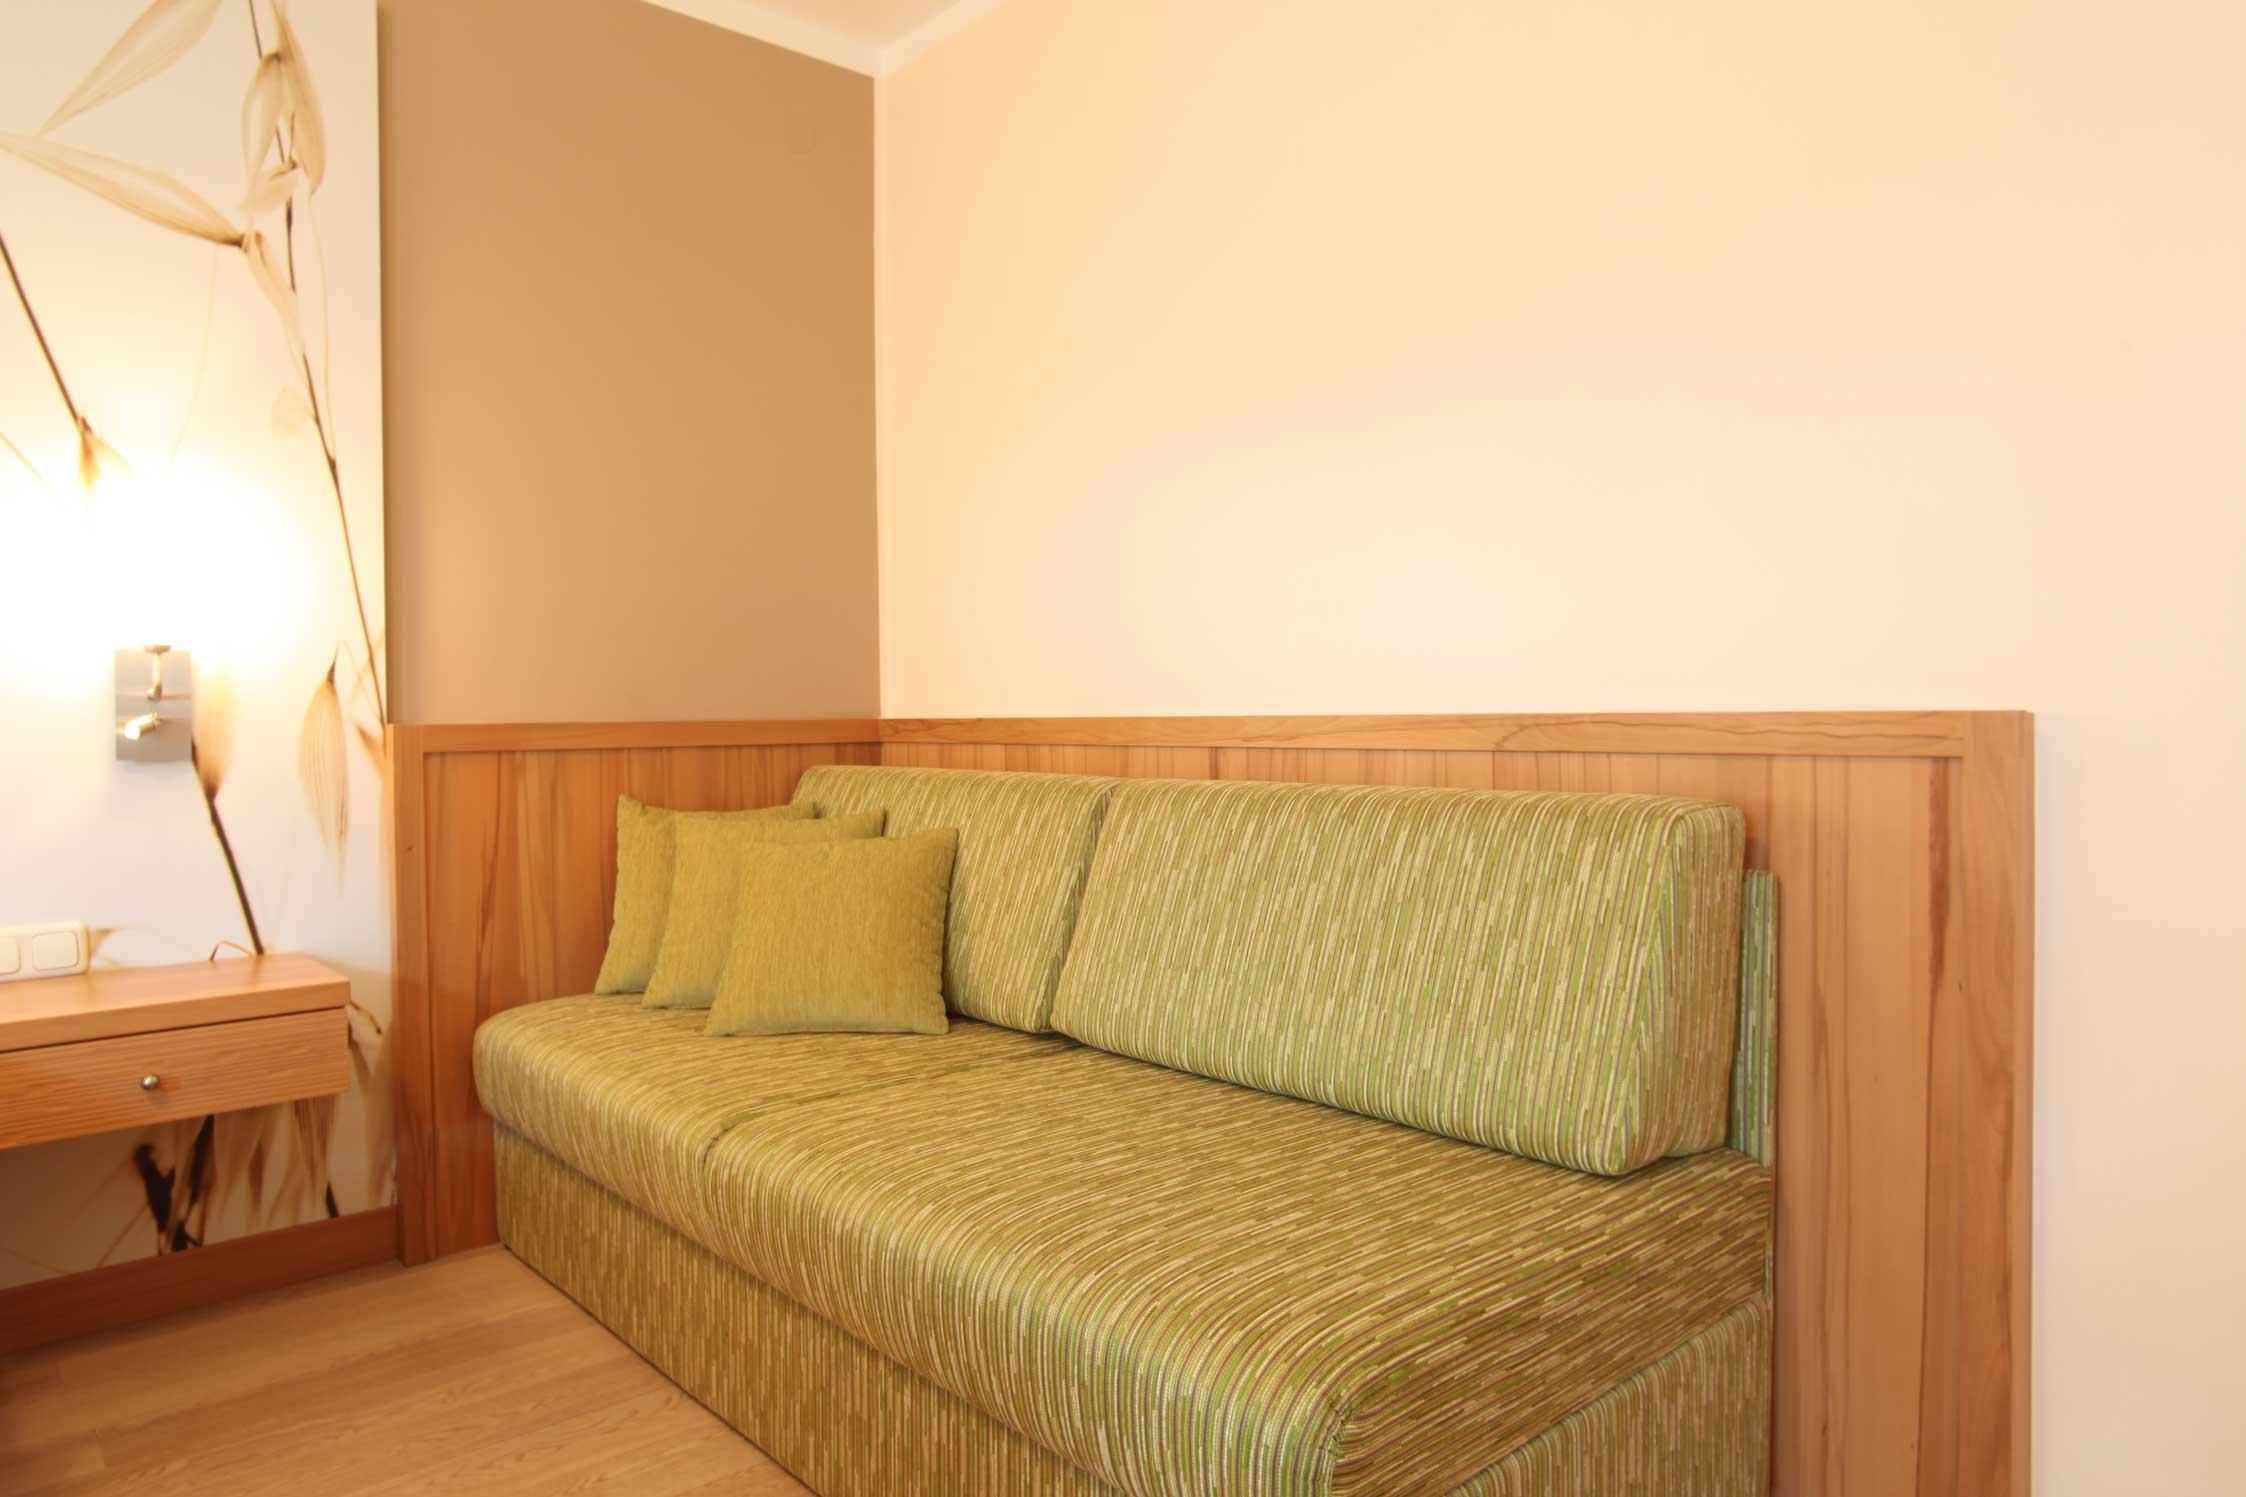 Einzelzimmer als 4-sterne-niveau komfortzimmer mit bad im gasthof-reiterhof familienhotel pichler nähe Autobahn